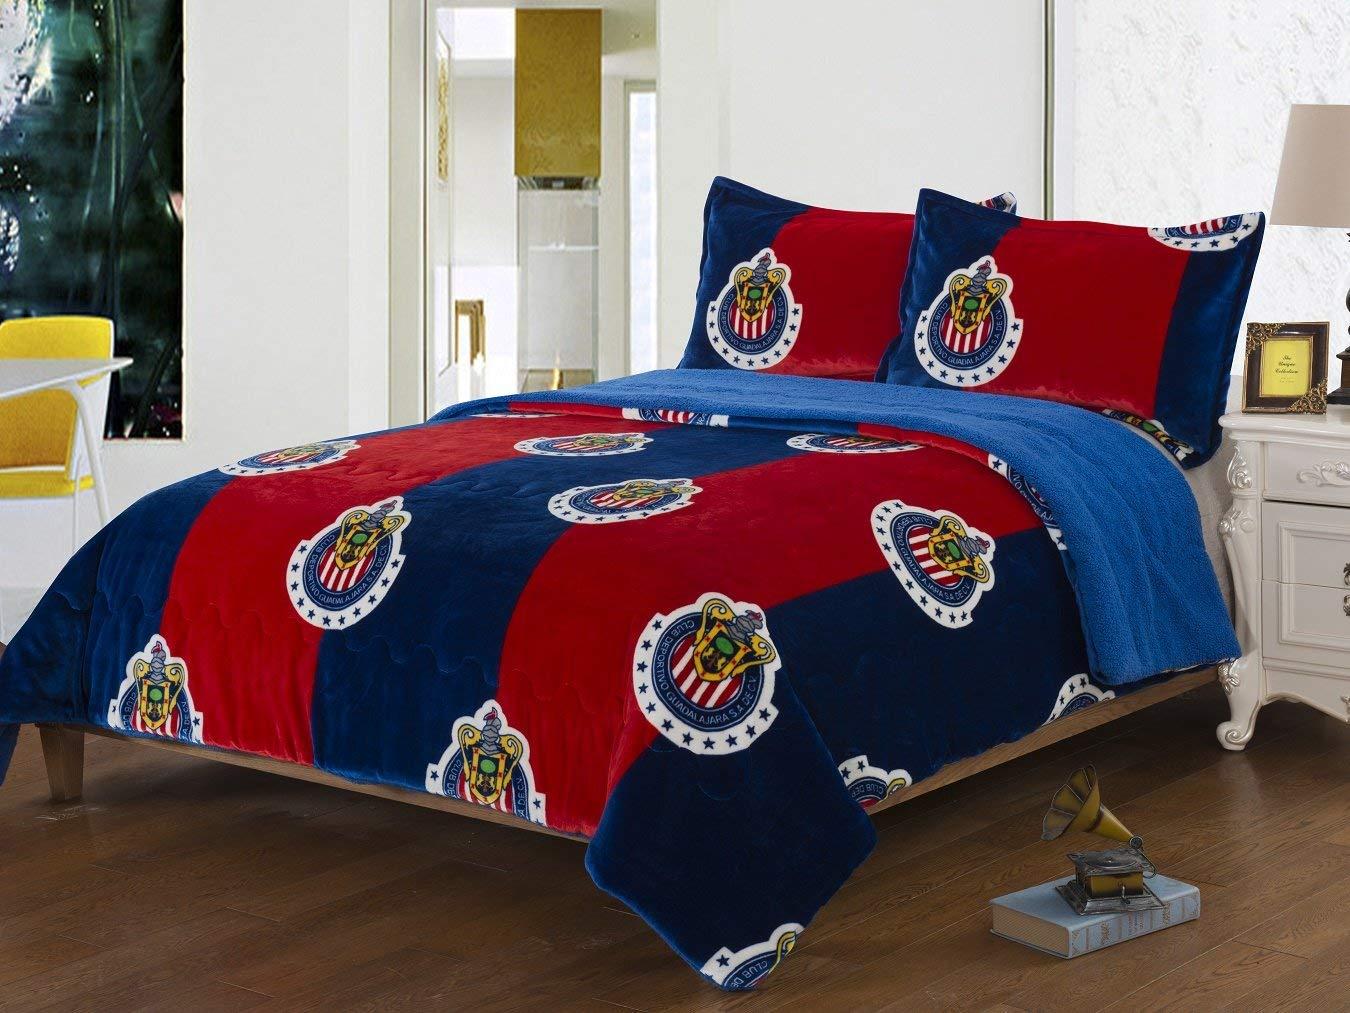 Amazon.com: JORGES HOME FASHION Limited Edition Club Chivas ...